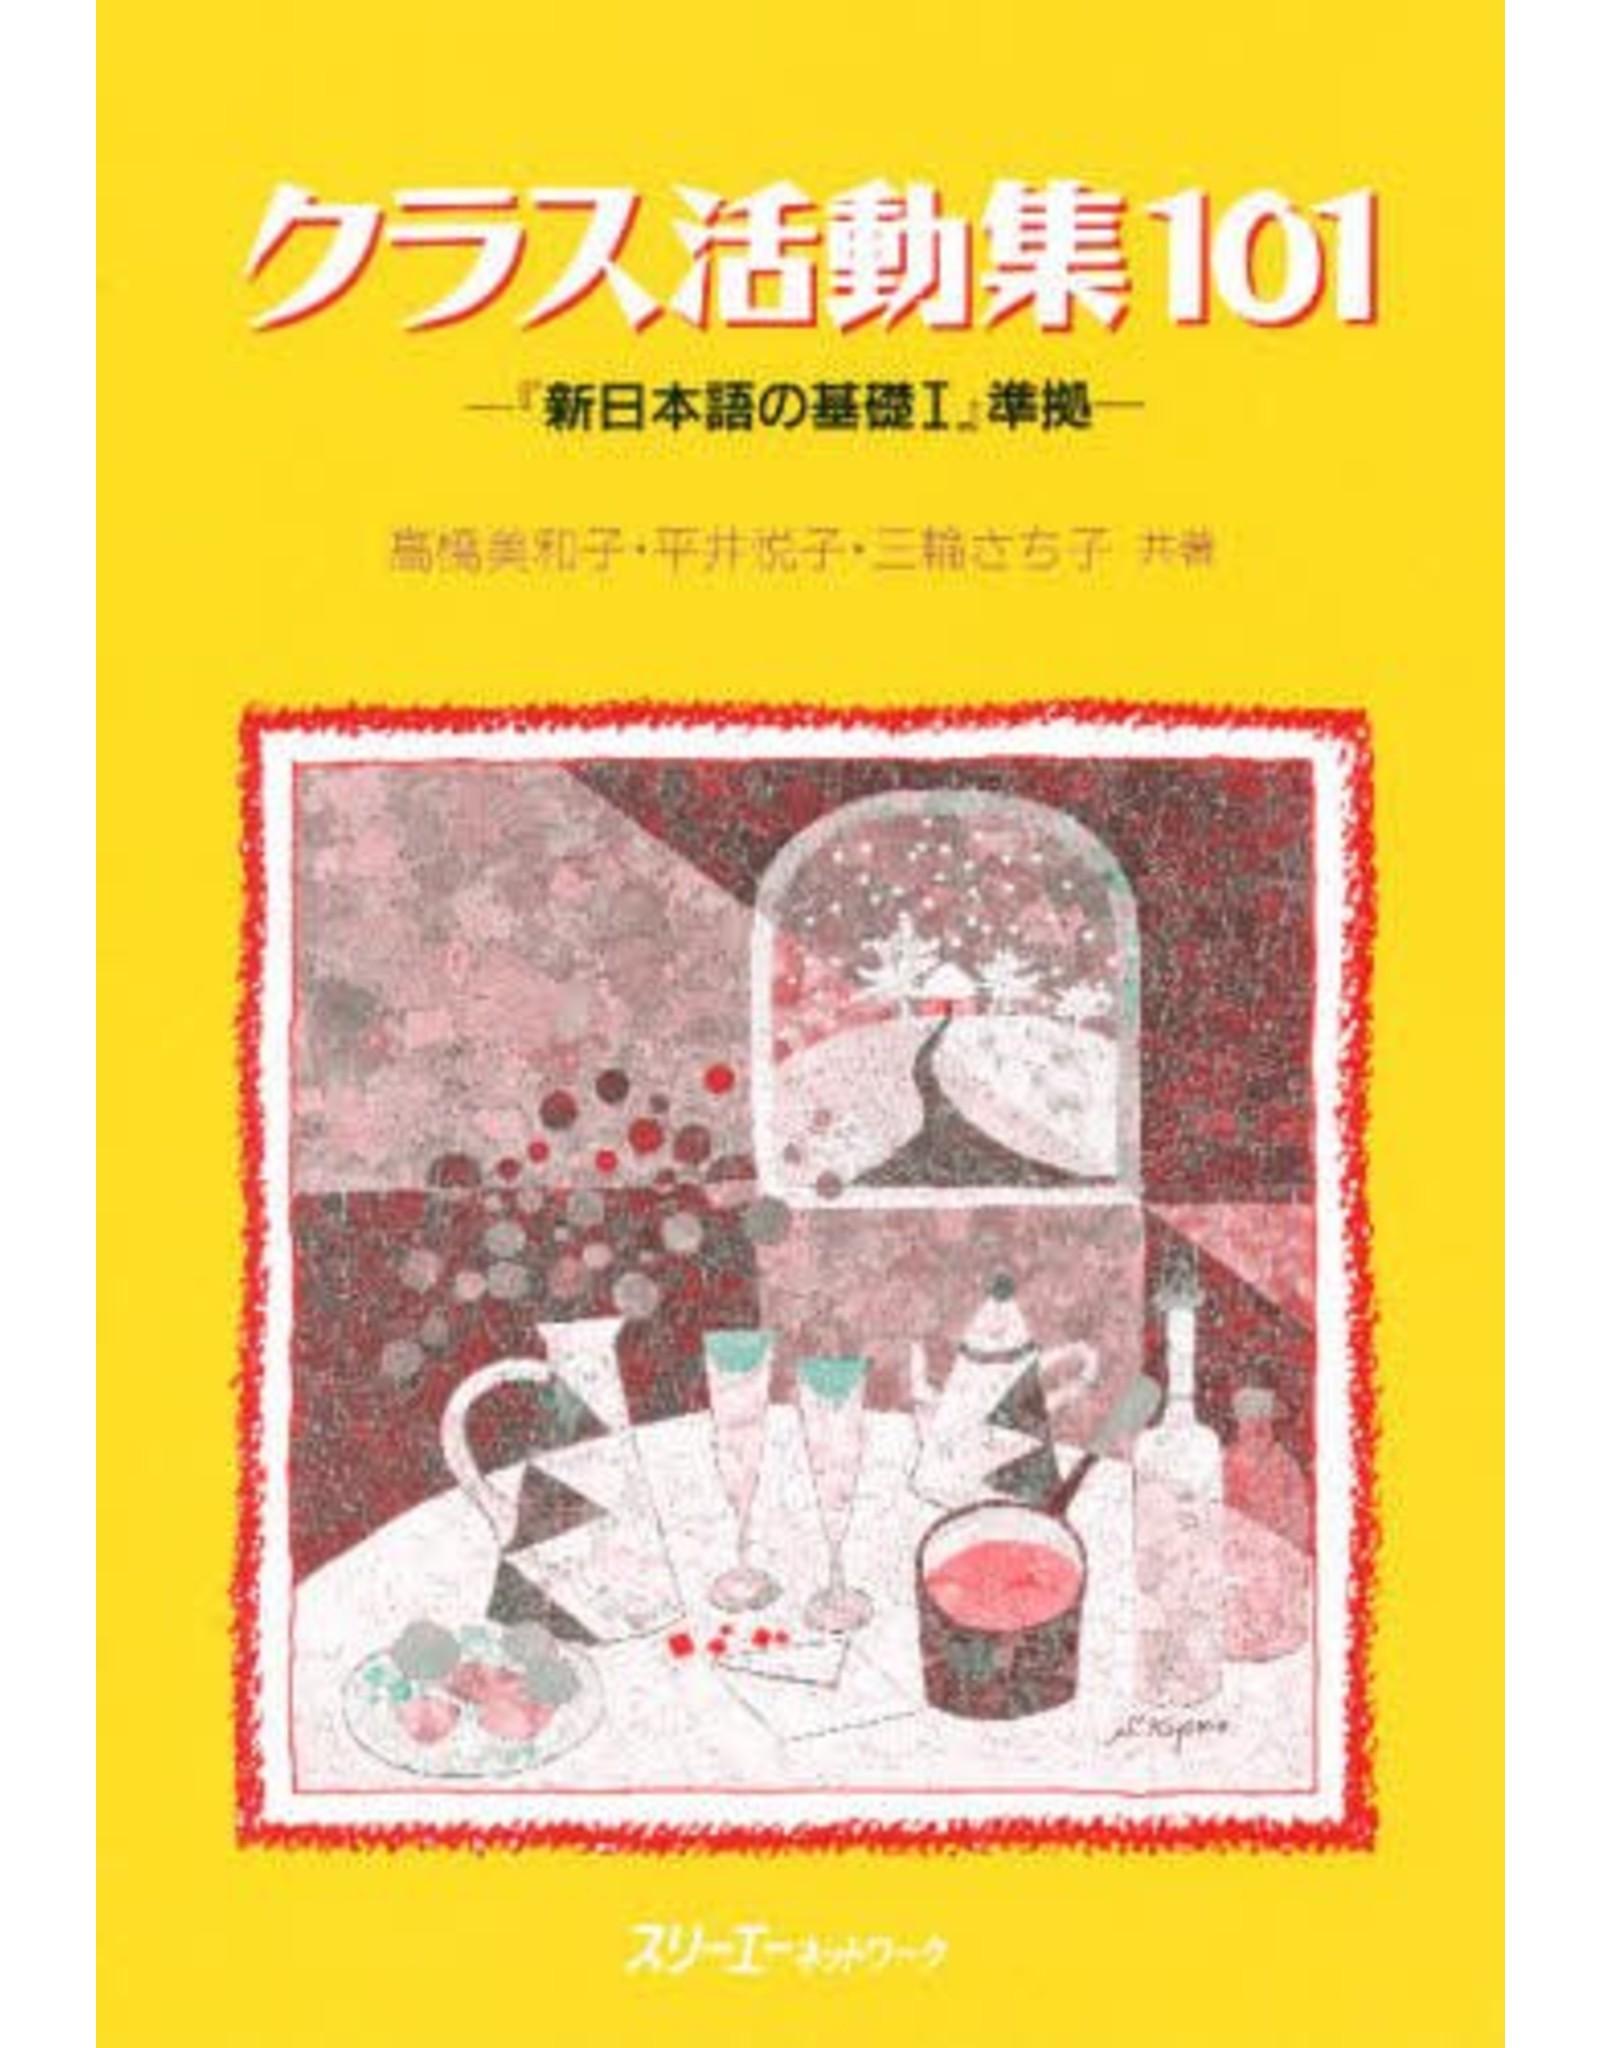 3A Corporation CLASS KATSUDOSHU 101 : SHINNIHONGO NO KISO JUNKYO